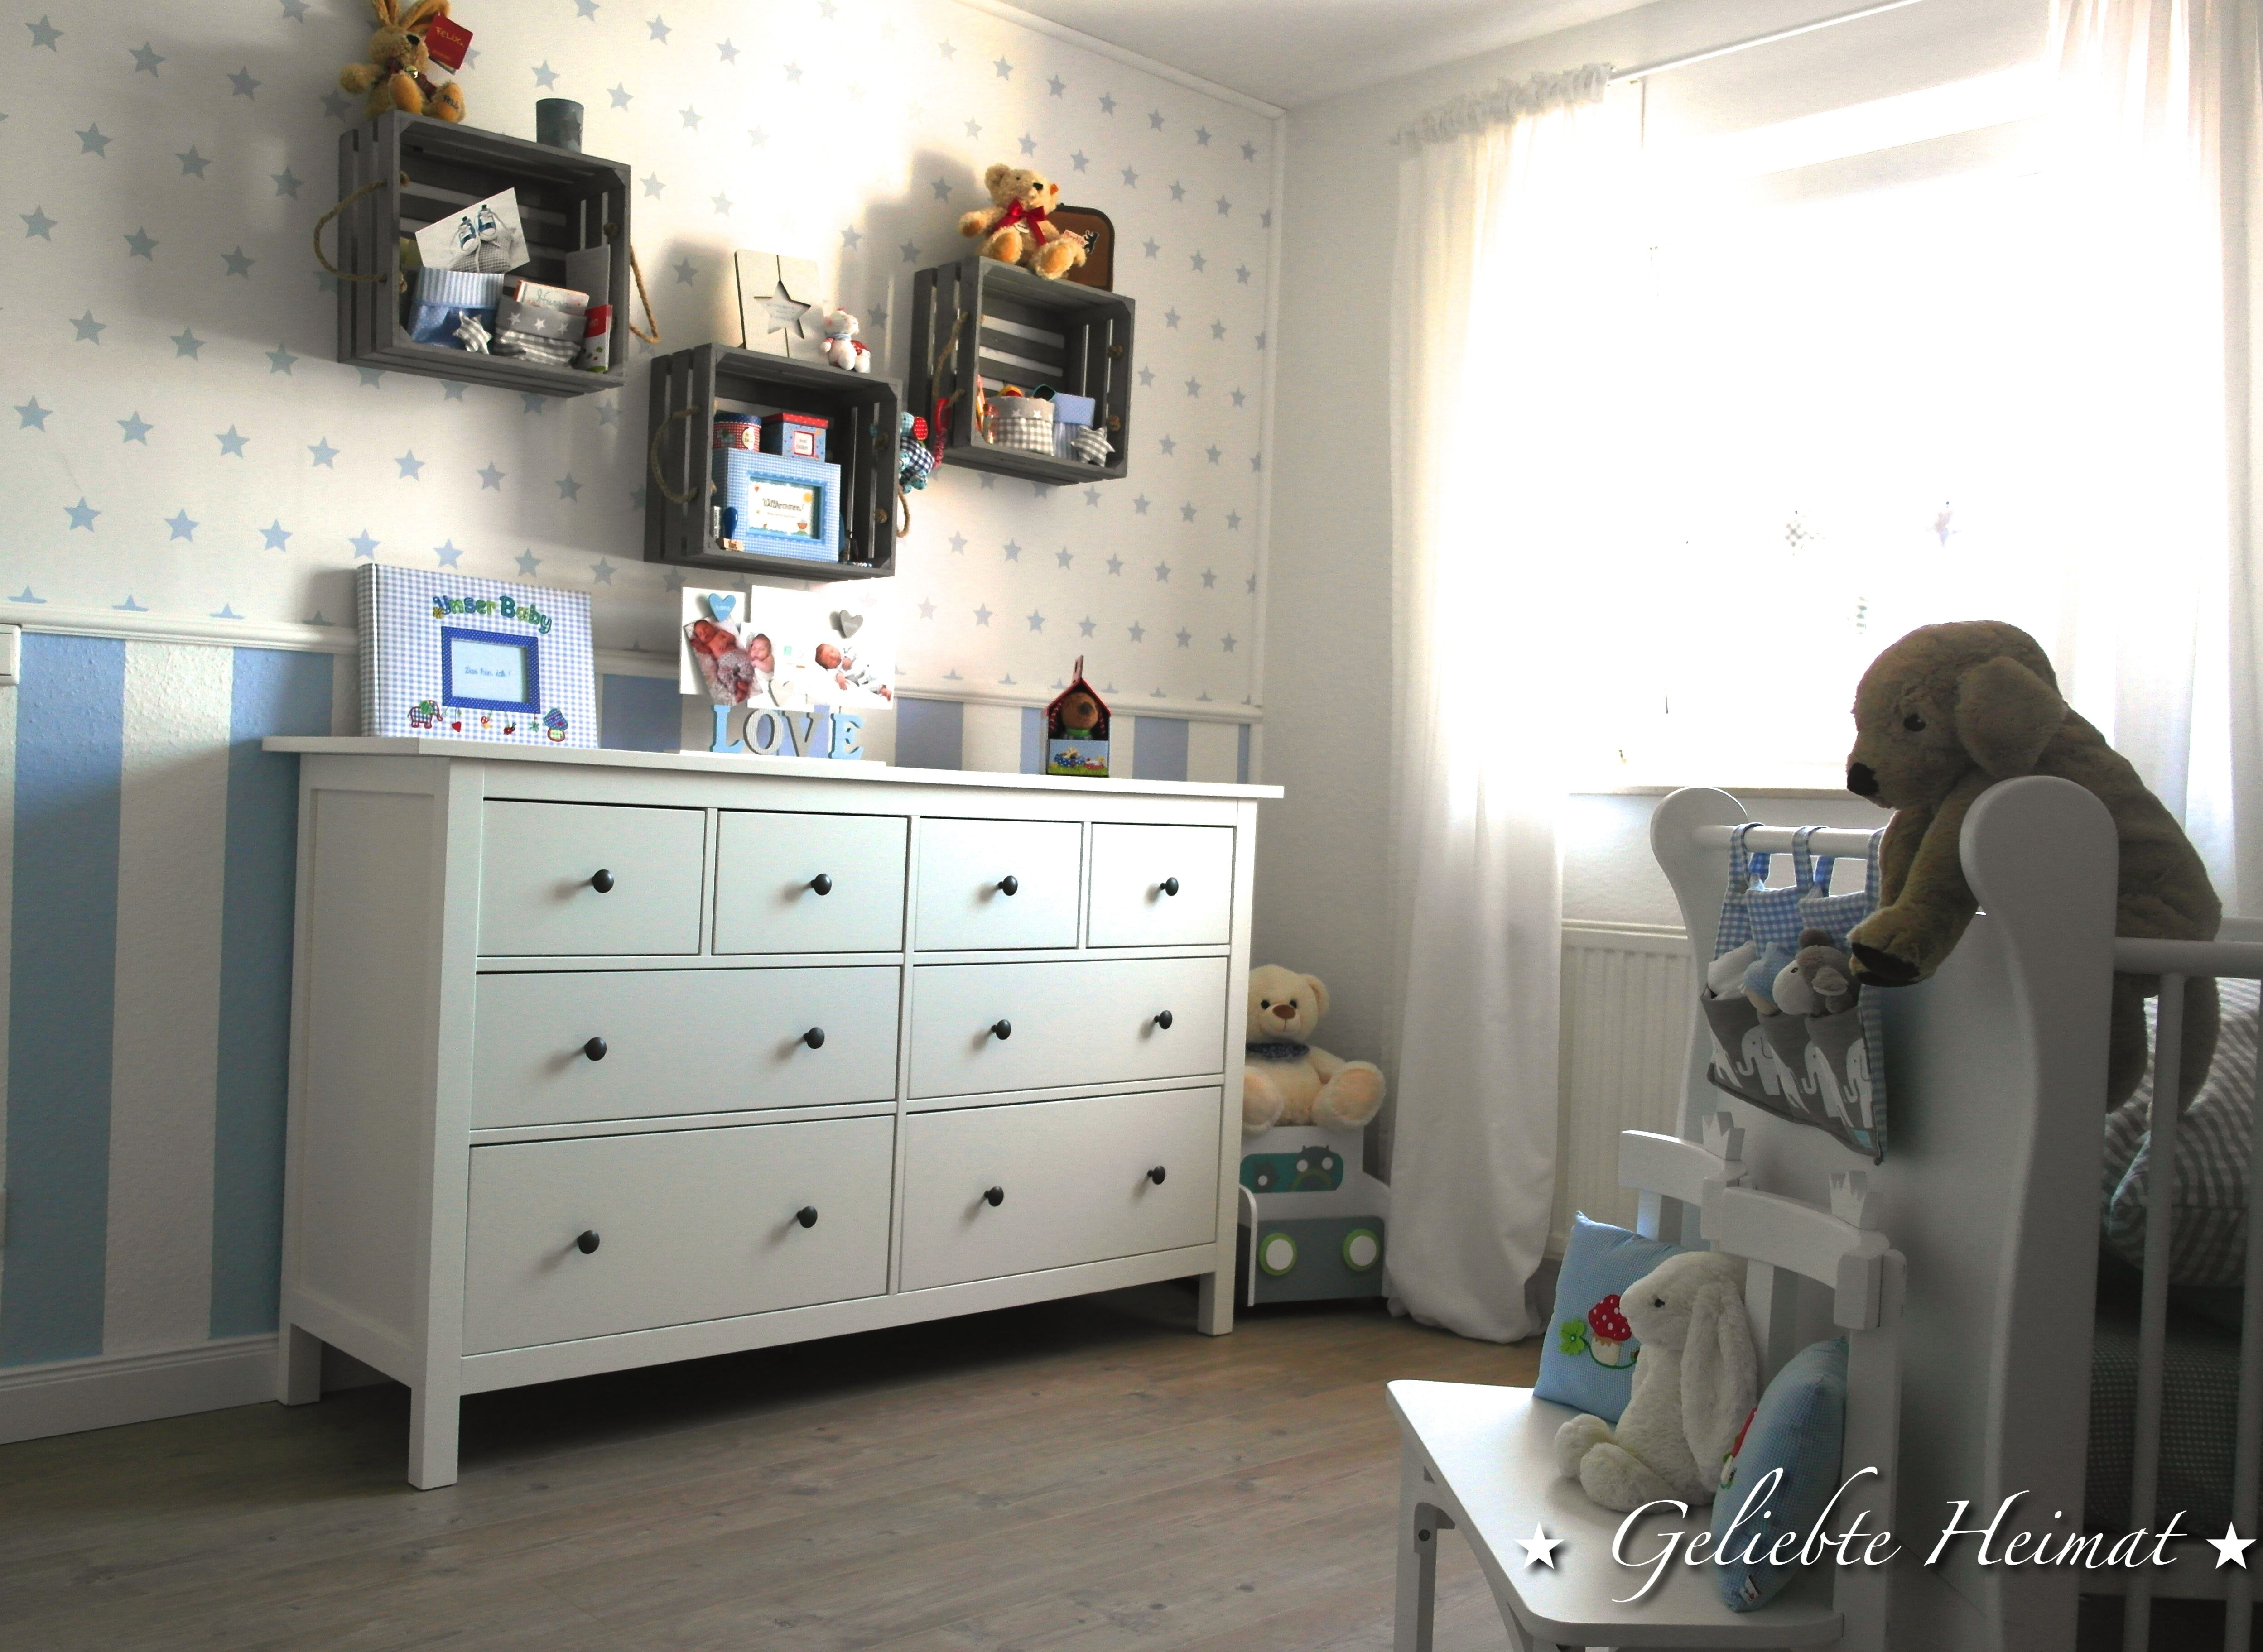 Kinderzimmer Babyzimmer Junge Ikea Hemnes Obstkisten Kommode Babyzimmer Blau Weiss Kinderzimmer Kinder Zimmer Zimmer